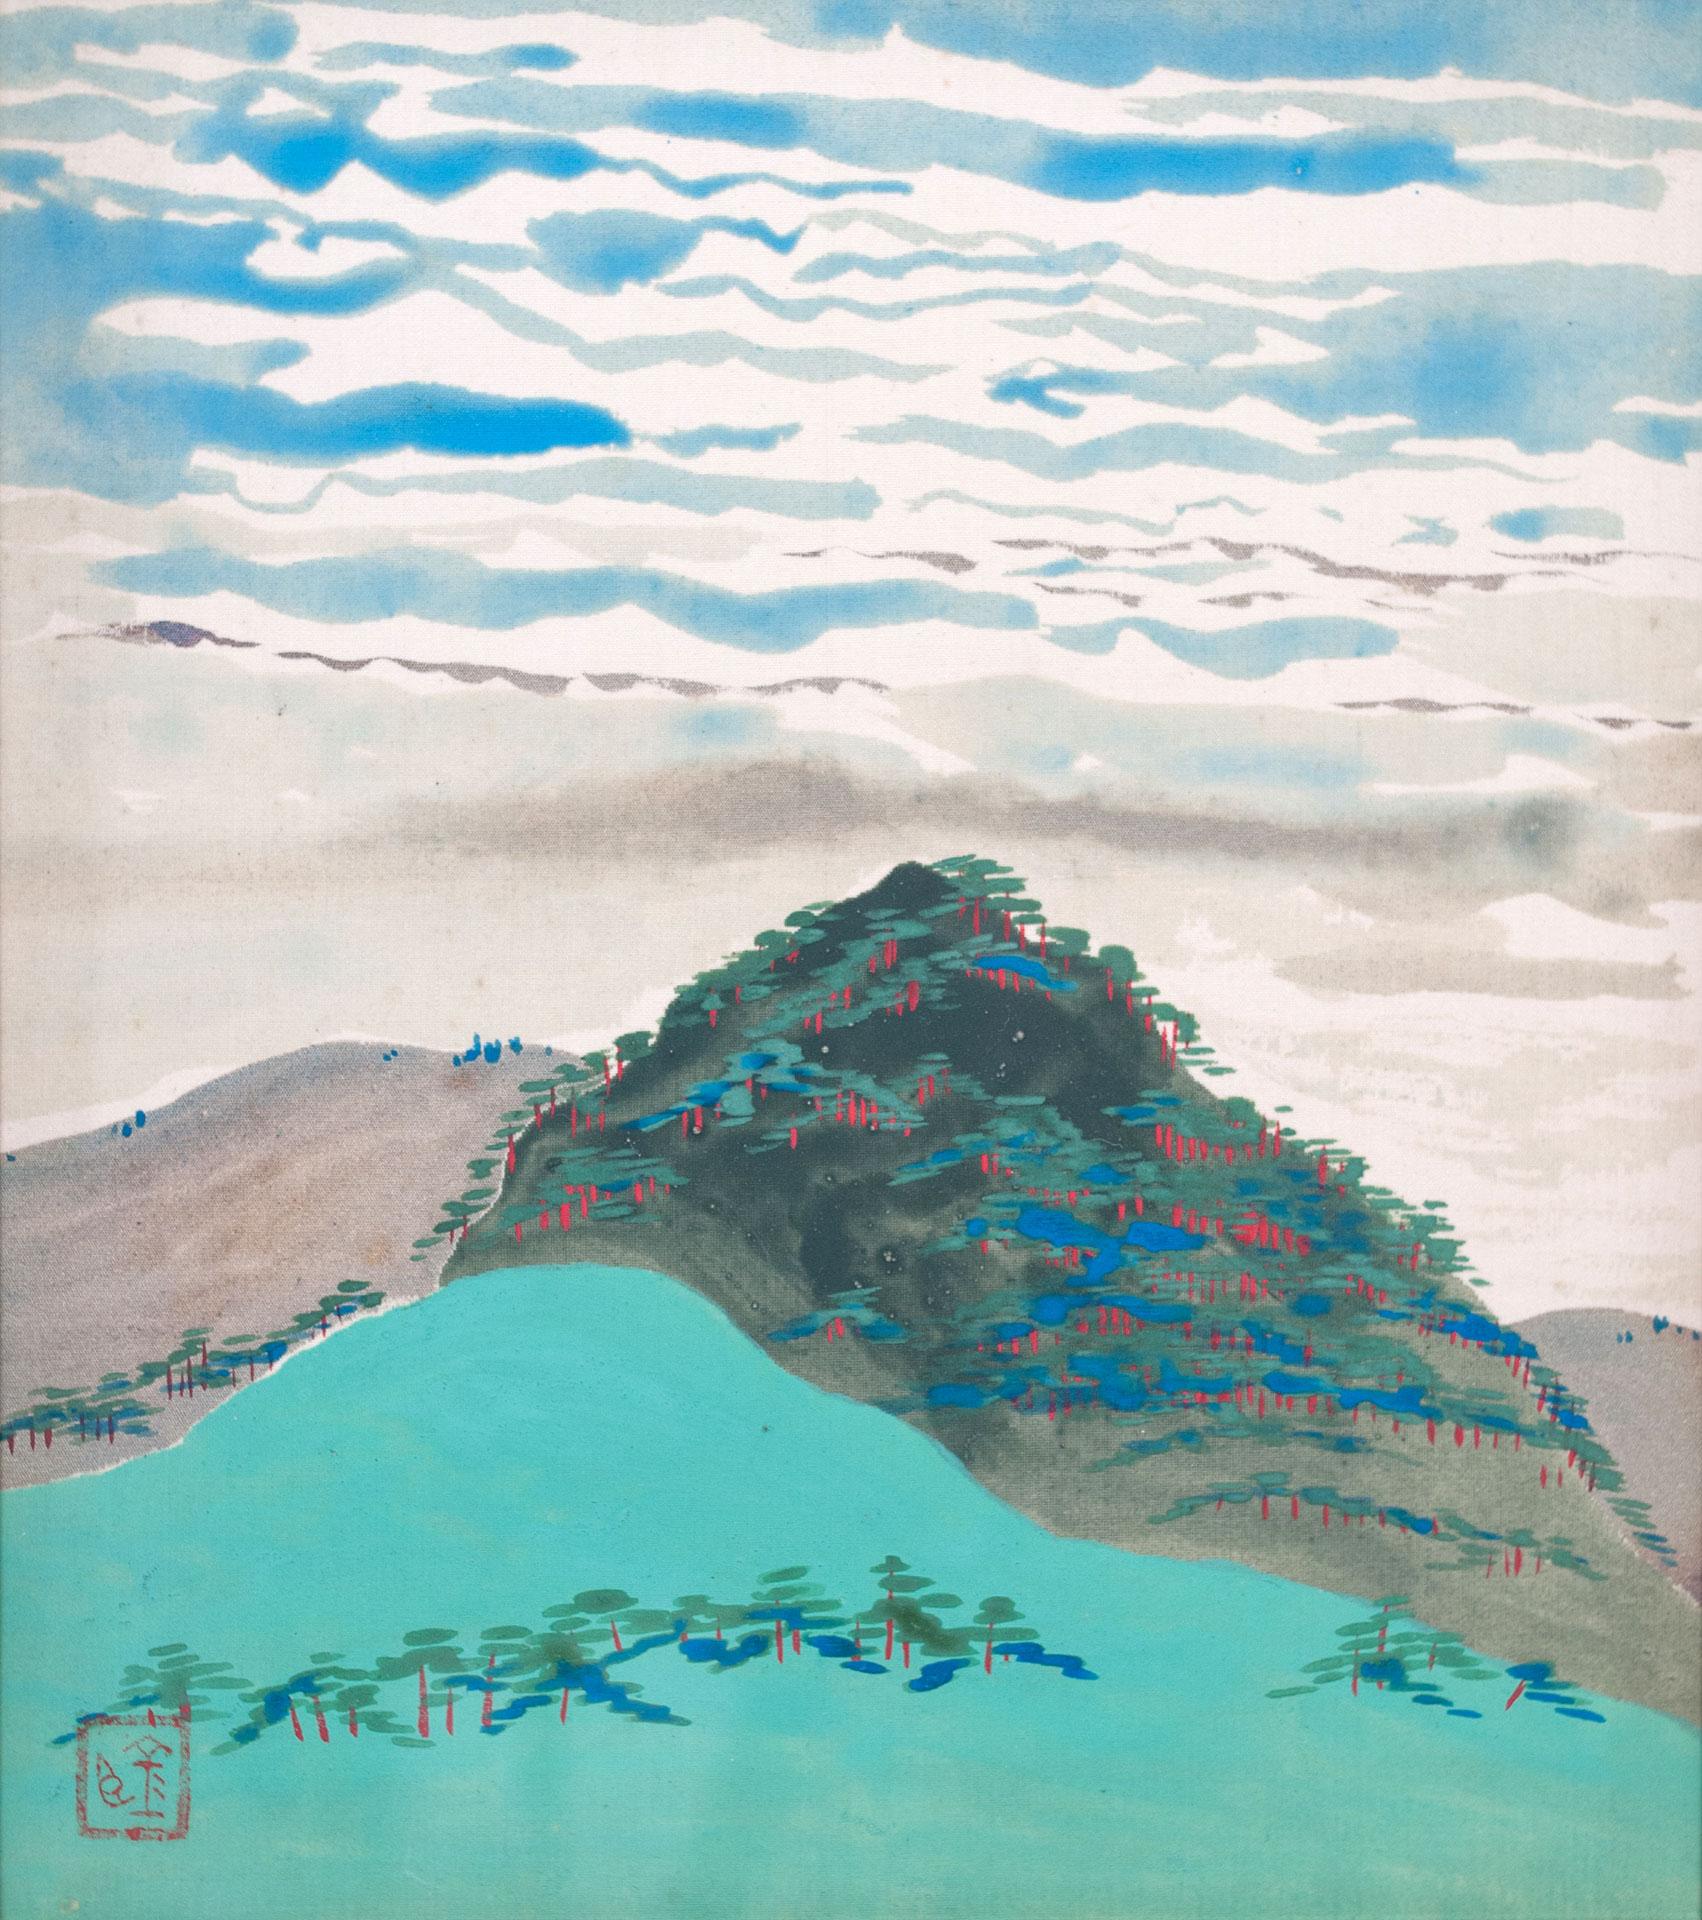 赤松の山* - Mountain of Red Pine